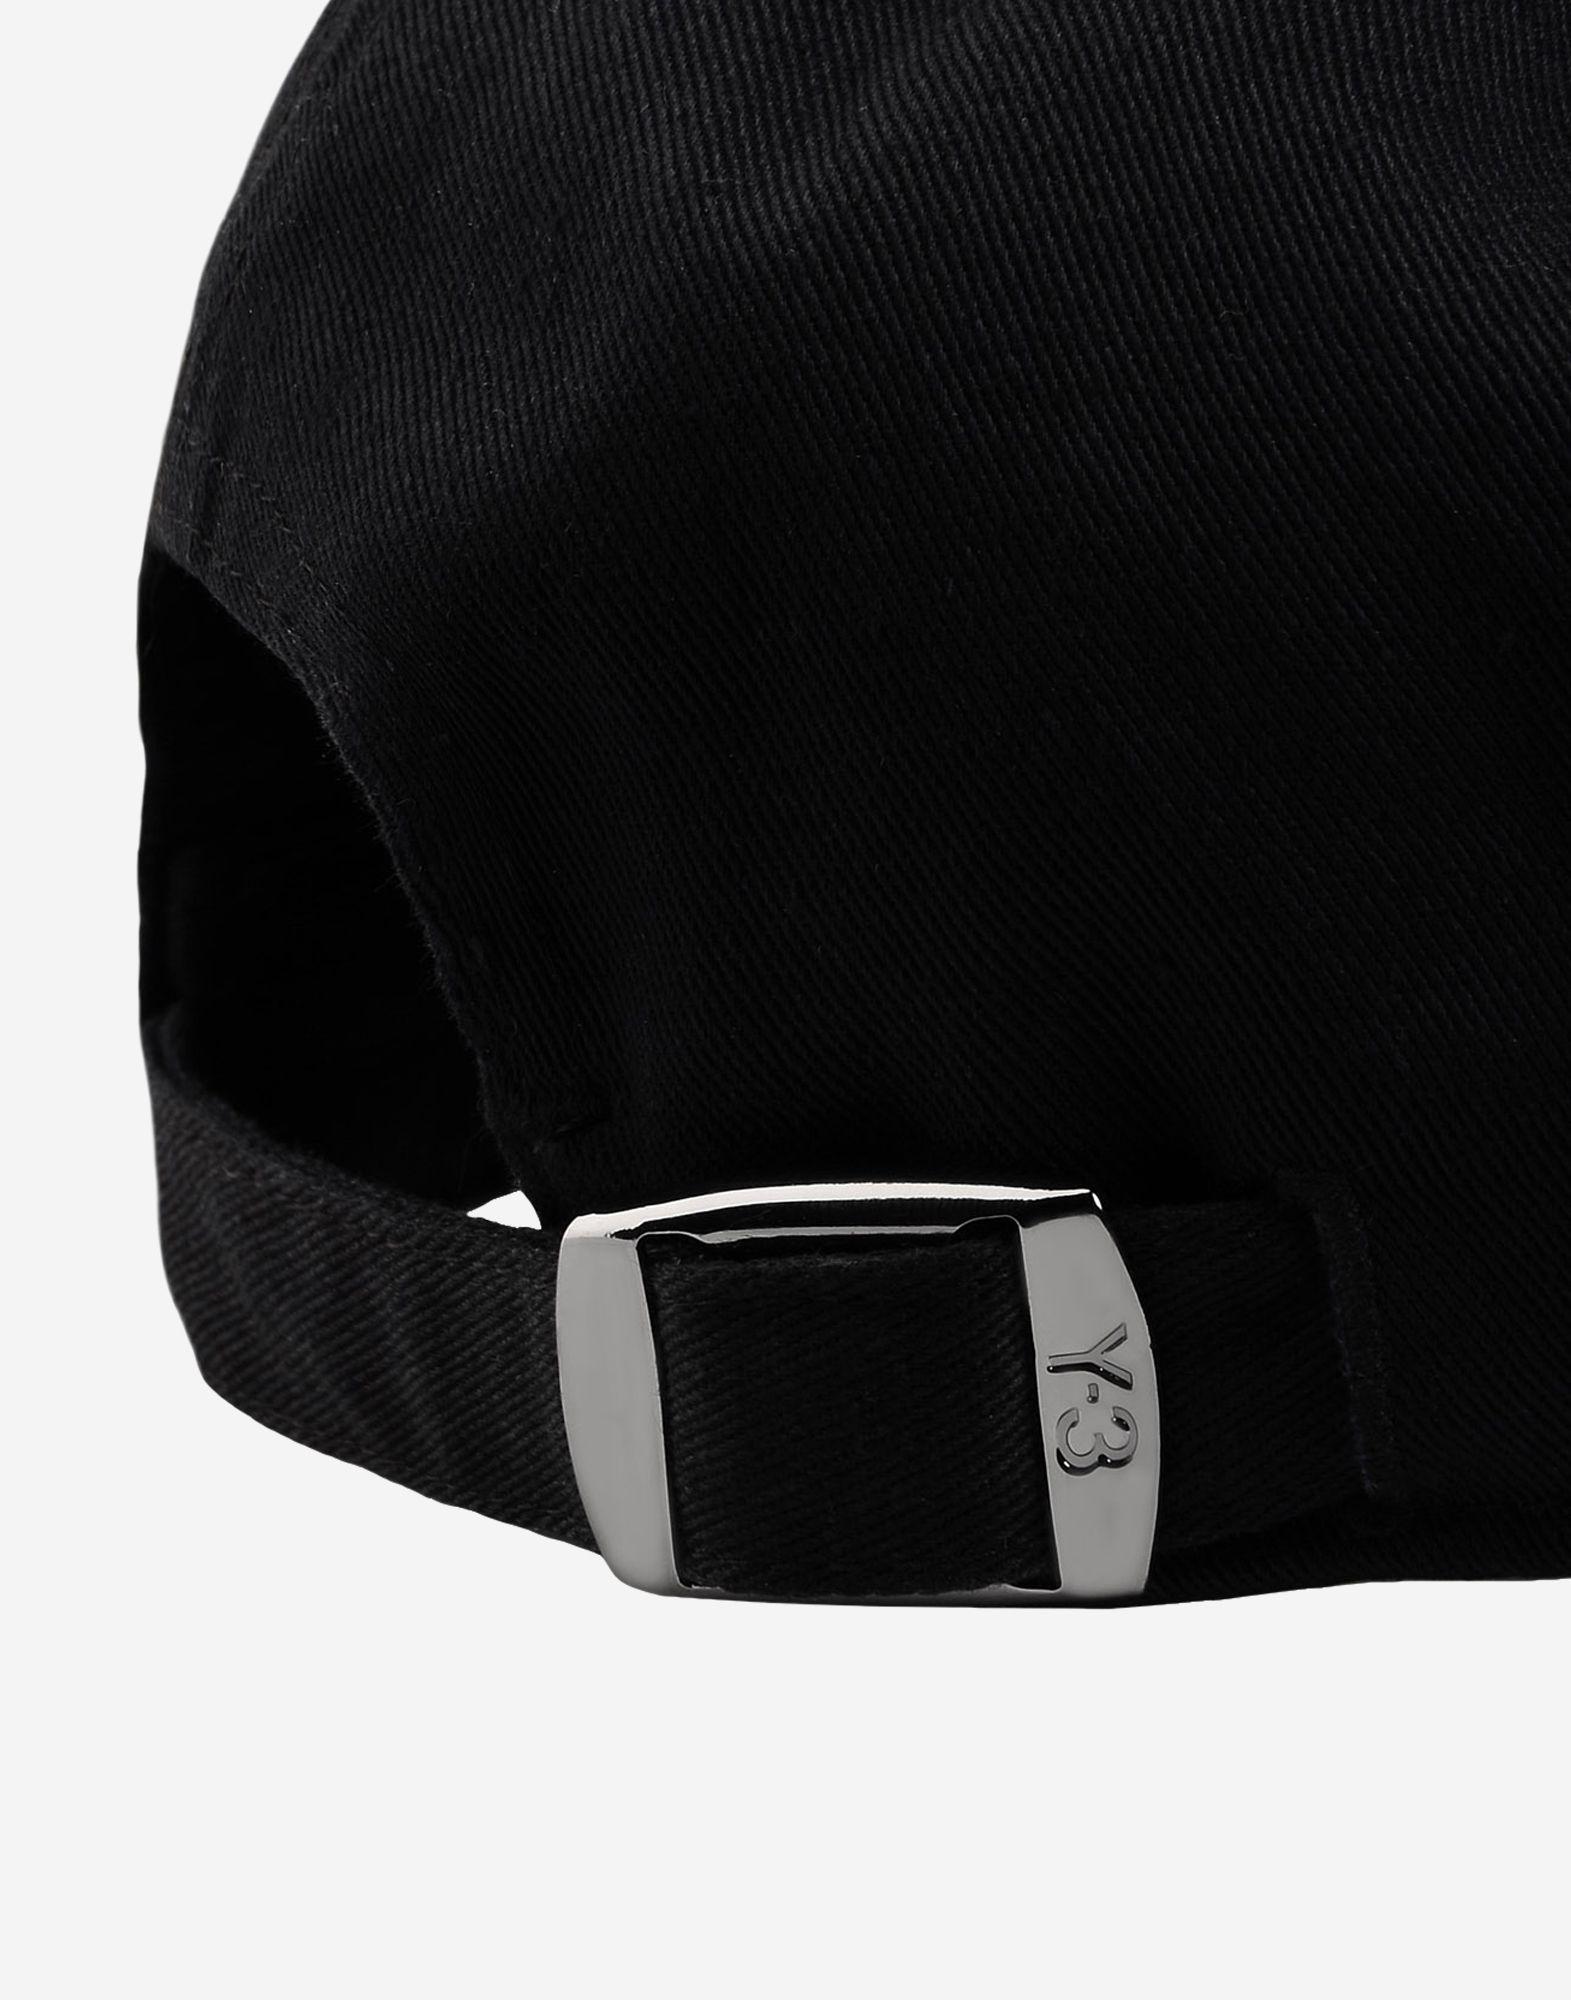 Boutique Adidas Plan De Campagne Beau Photographie Casquettes Y 3 Baseball Block Cap Pour Femme